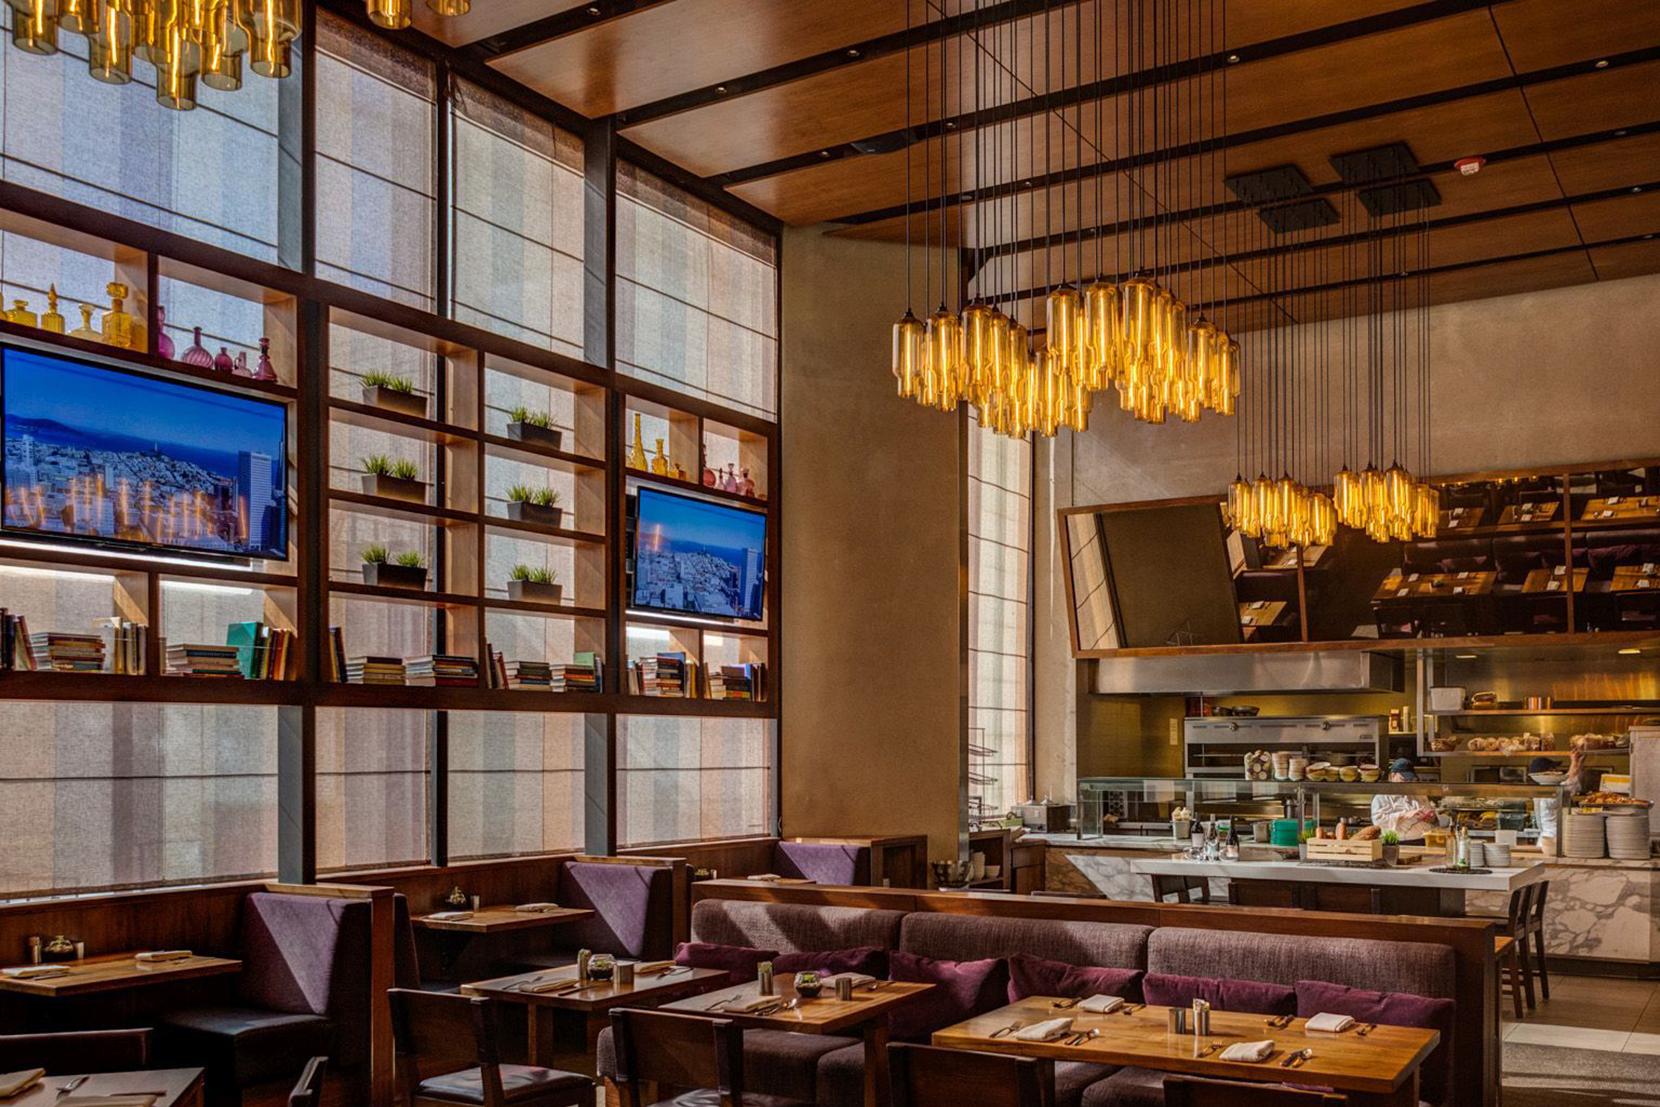 Modern Glass Restaurant Lighting - Packs of Amber PharosPendant Lights